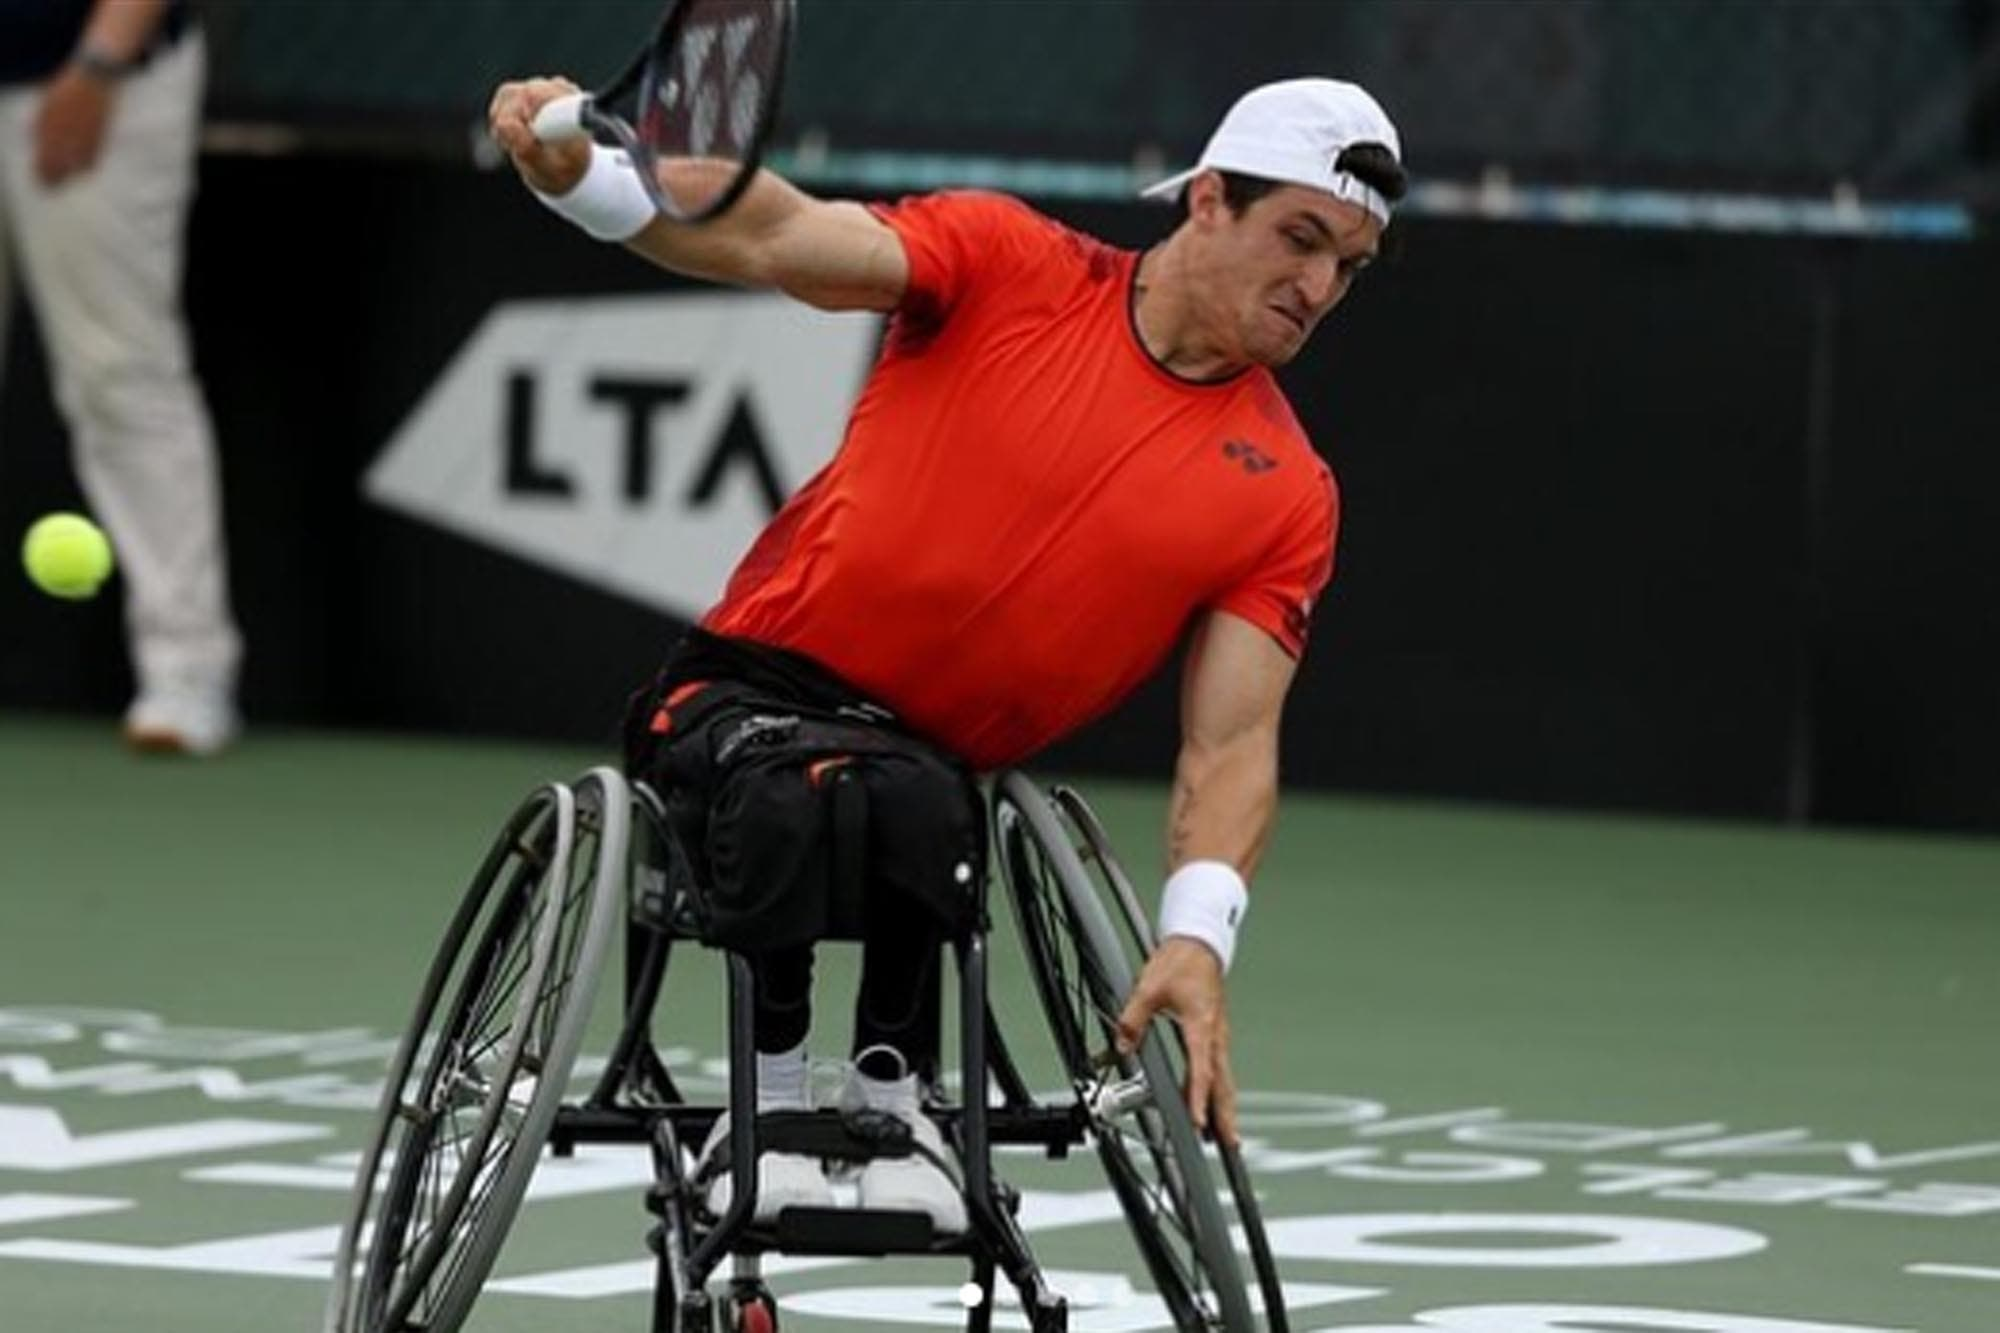 """US Open: las tres opciones que manejan para el tenis adaptado tras la sensación de """"discriminación"""""""